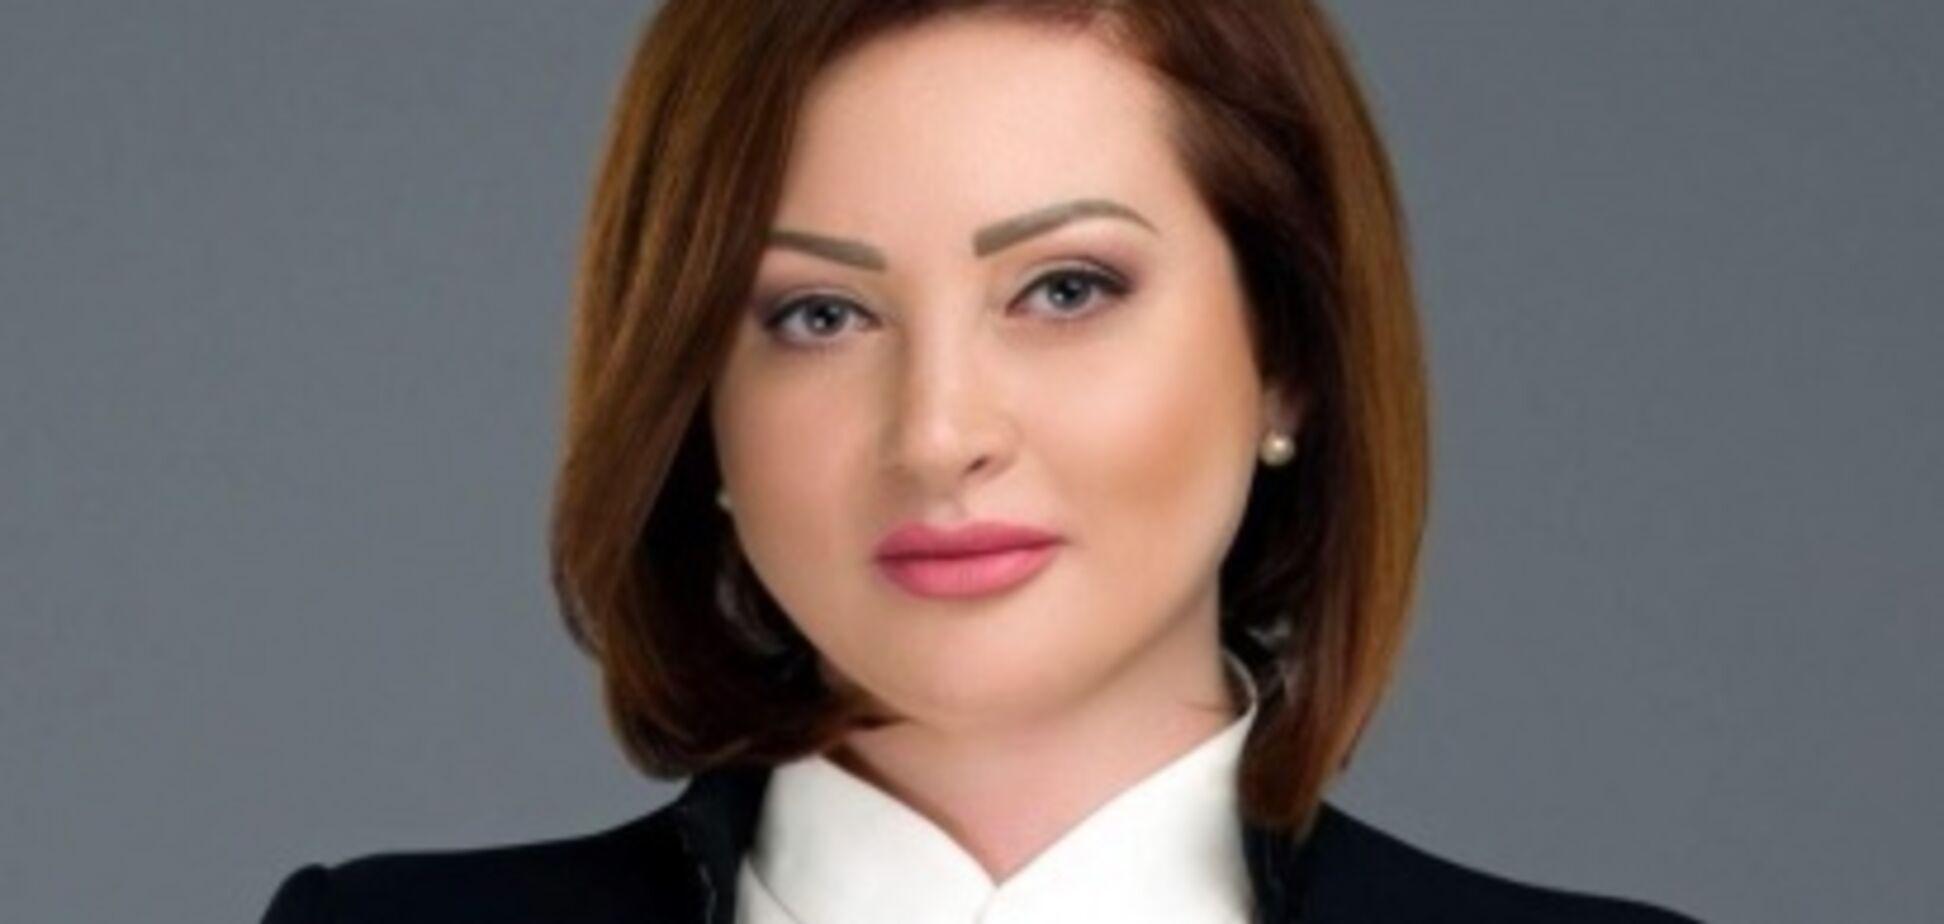 Скандал із призначеннями у ДБР: 27 кандидатів повторно пройшли поліграф